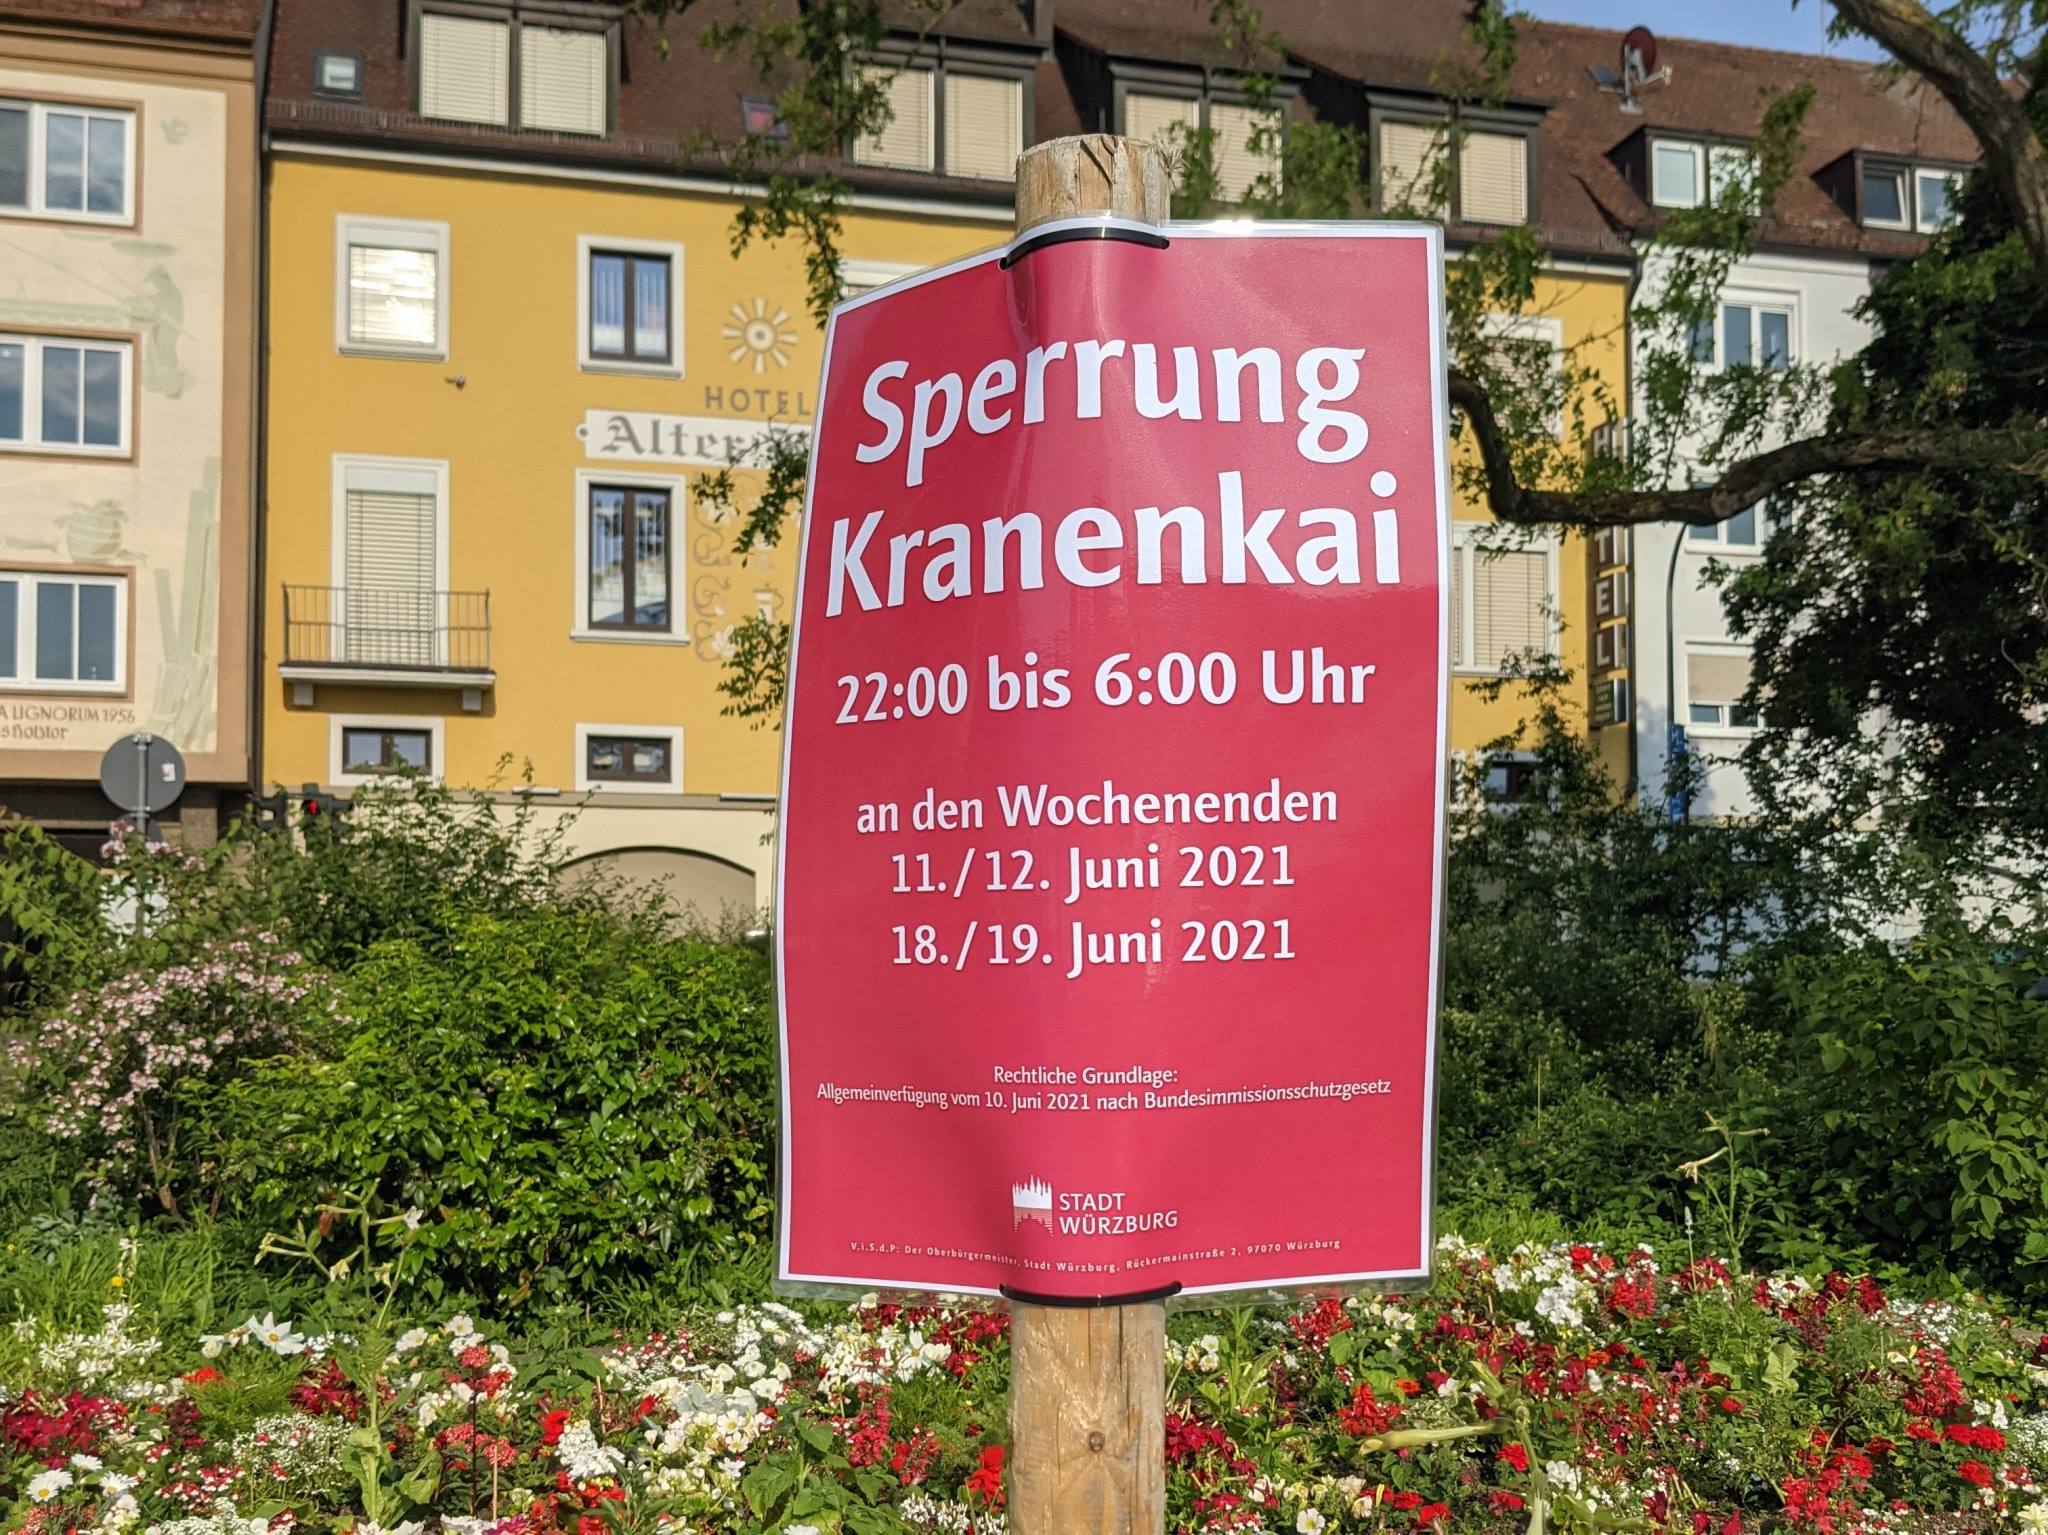 Der Kranenkai bleibt die nächsten zwei Wochenenden ab 22 Uhr gesperrt. Foto: Würzburg erleben